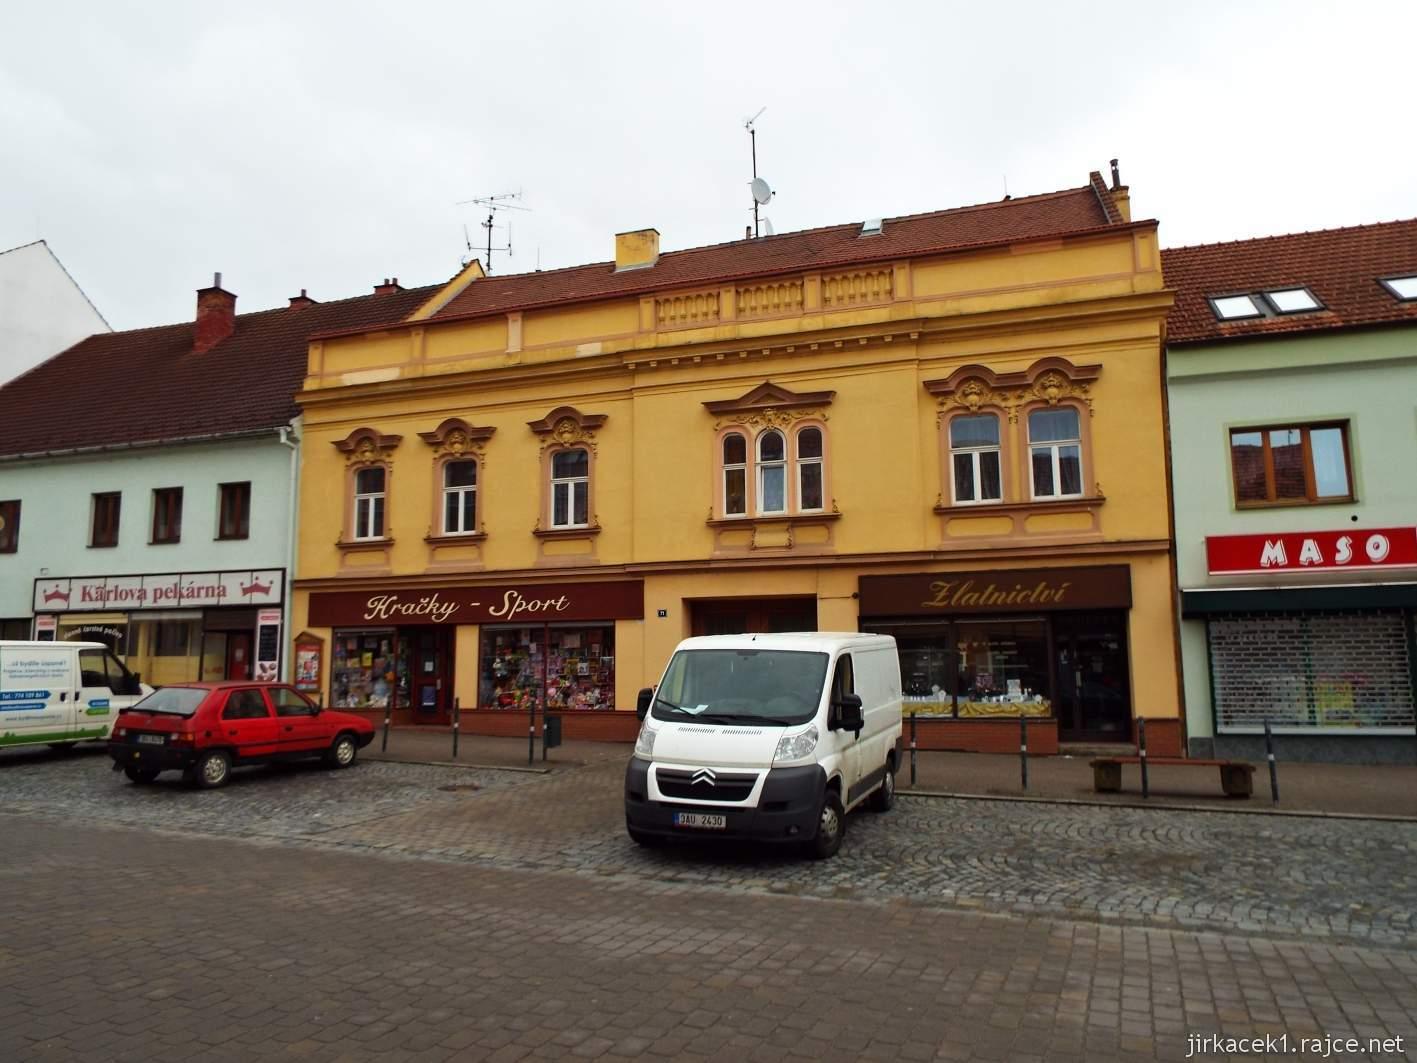 Slavkov u Brna - Palackého náměstí - žlutý dům číslo 71 s prodejnou hraček a zlatnictvím - dům Jana Andrly